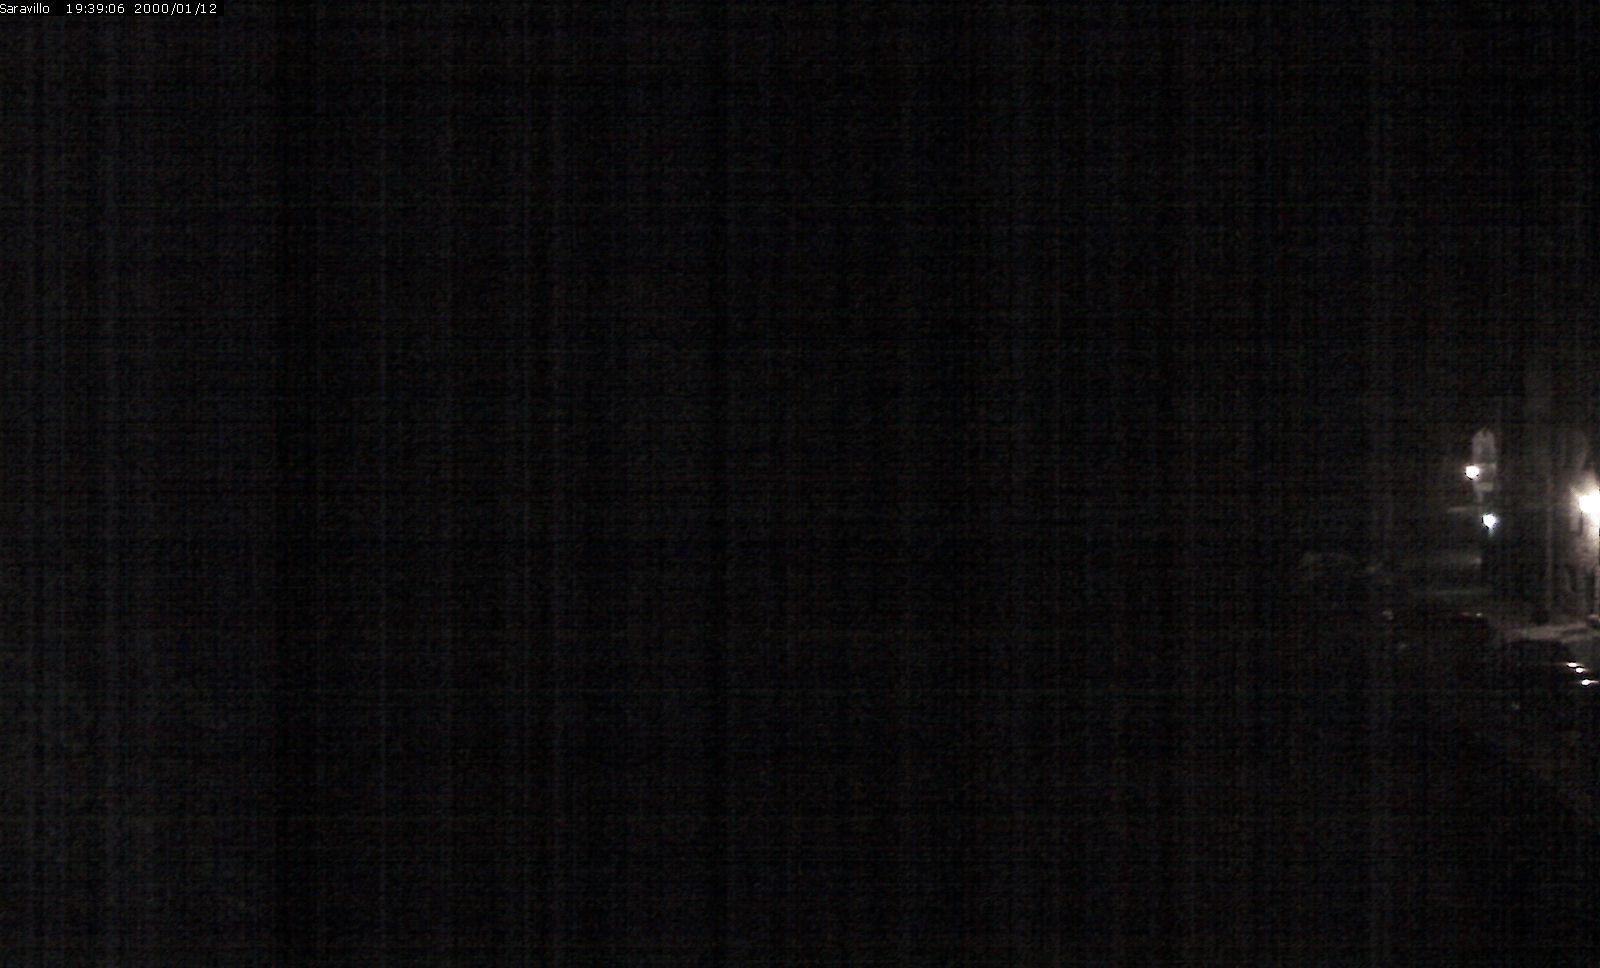 Lugar de Saravillo